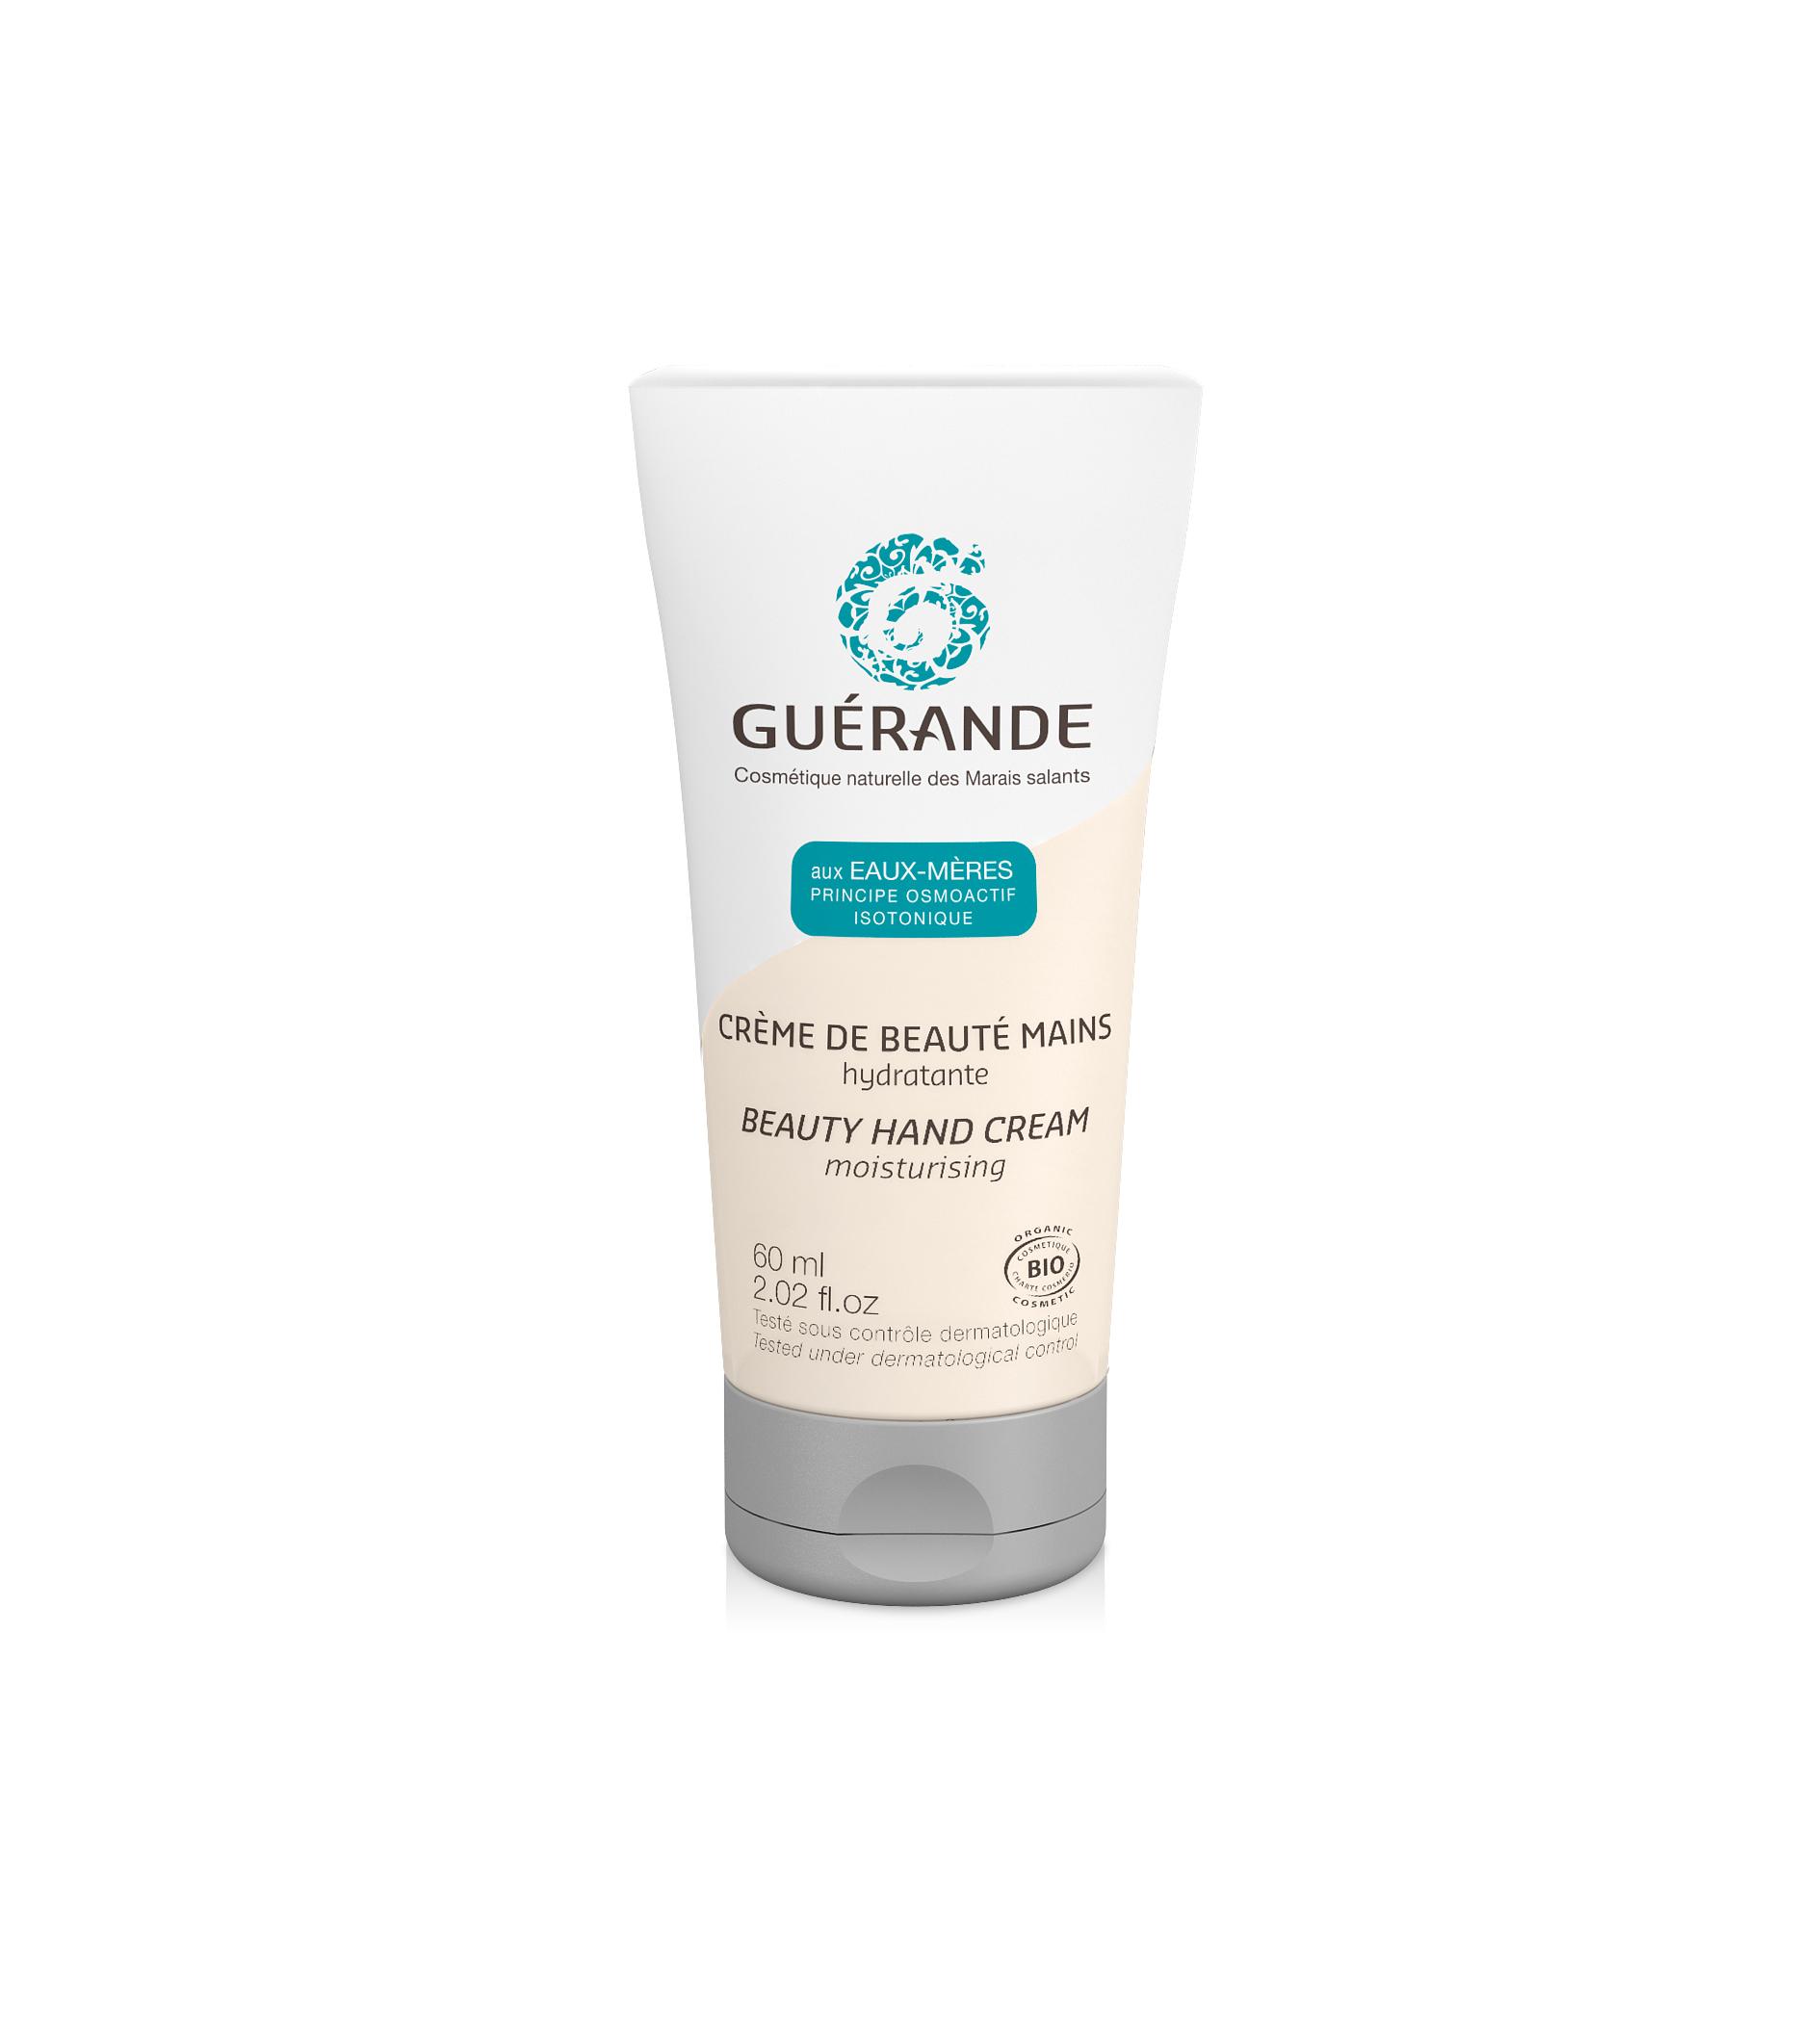 Guérande-crème mains